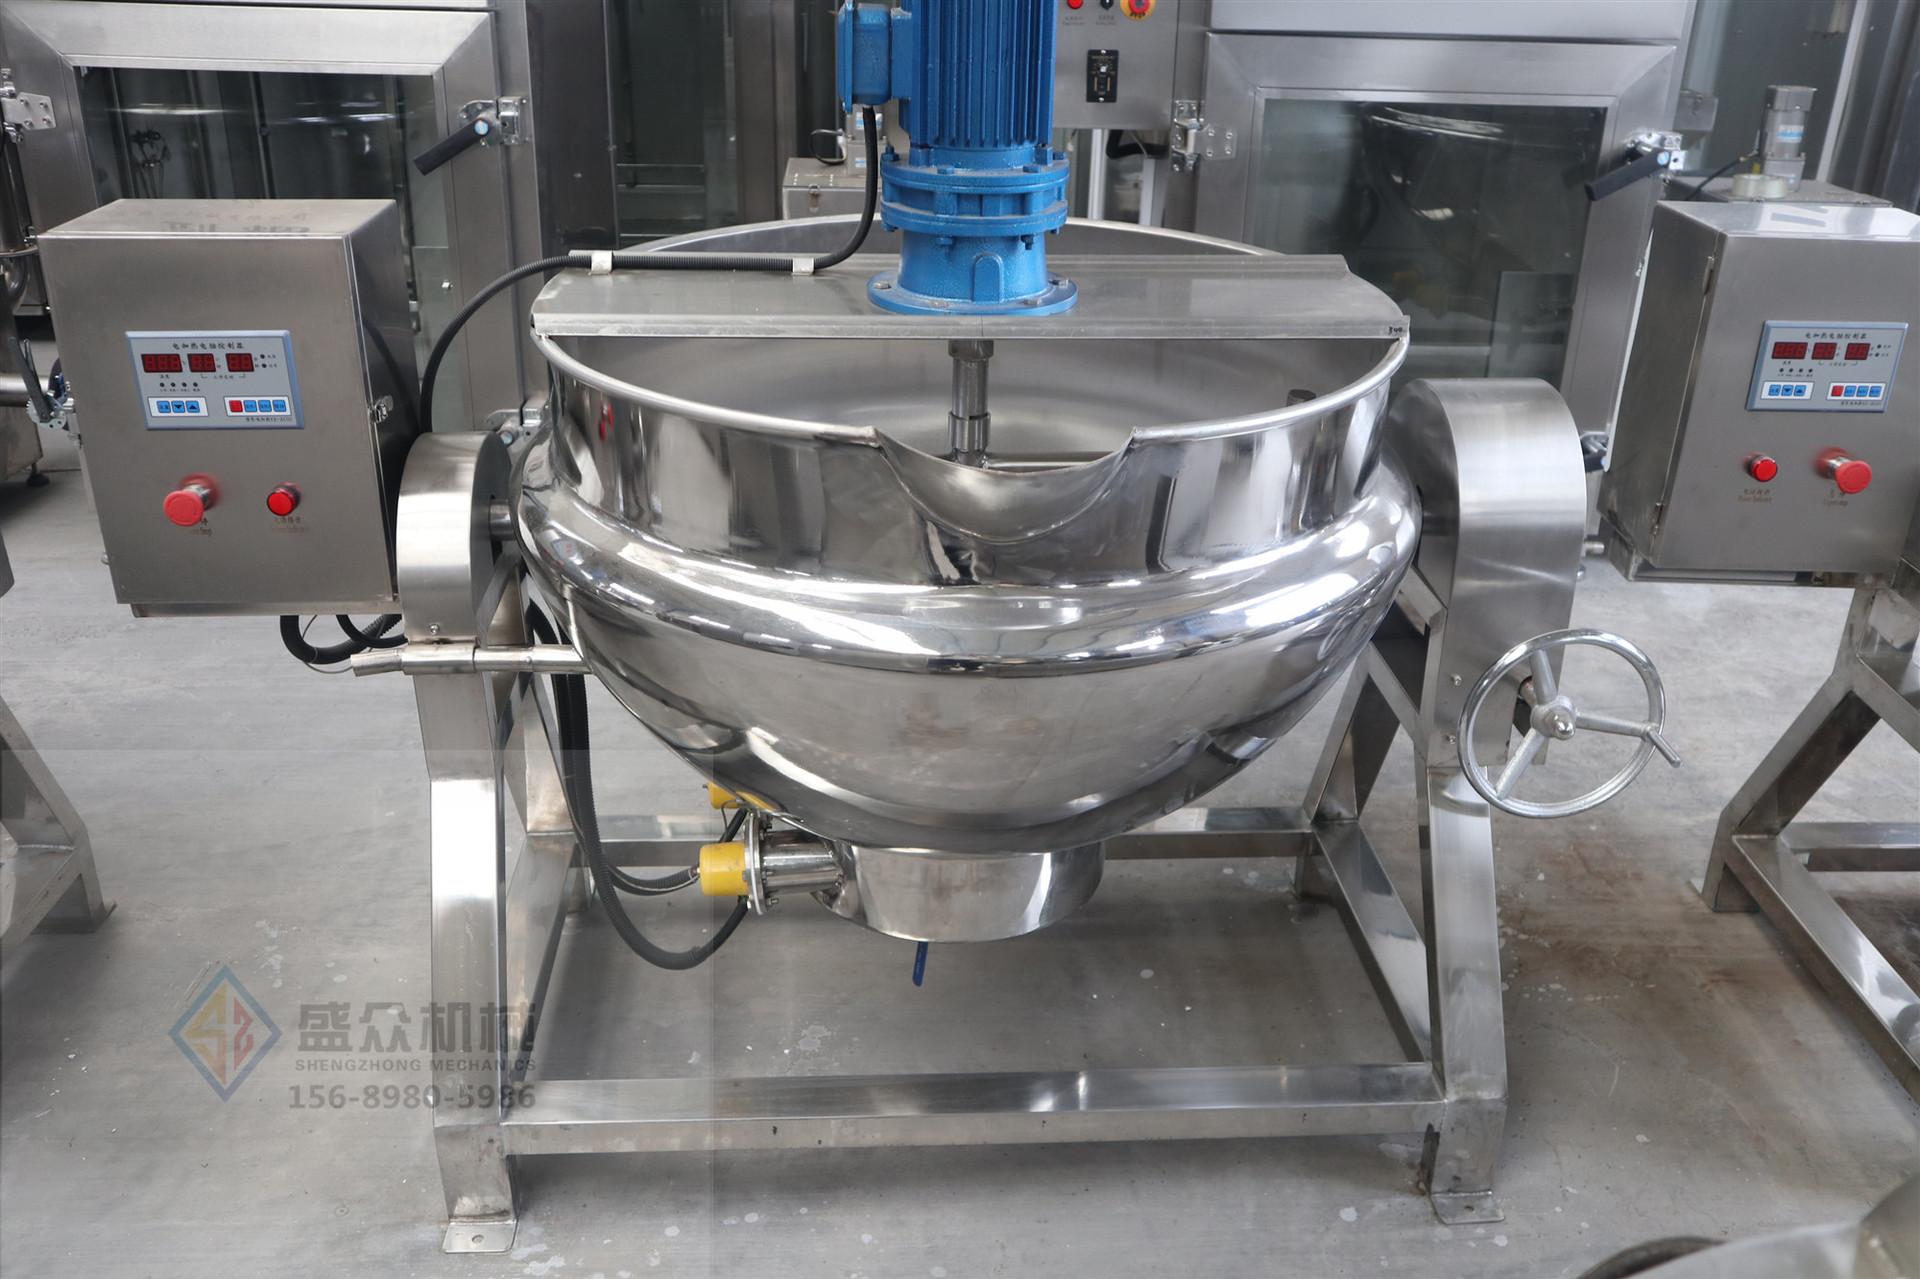 牛肉干全套加工設備與加工工藝 牛肉干全套加工設備示例圖5